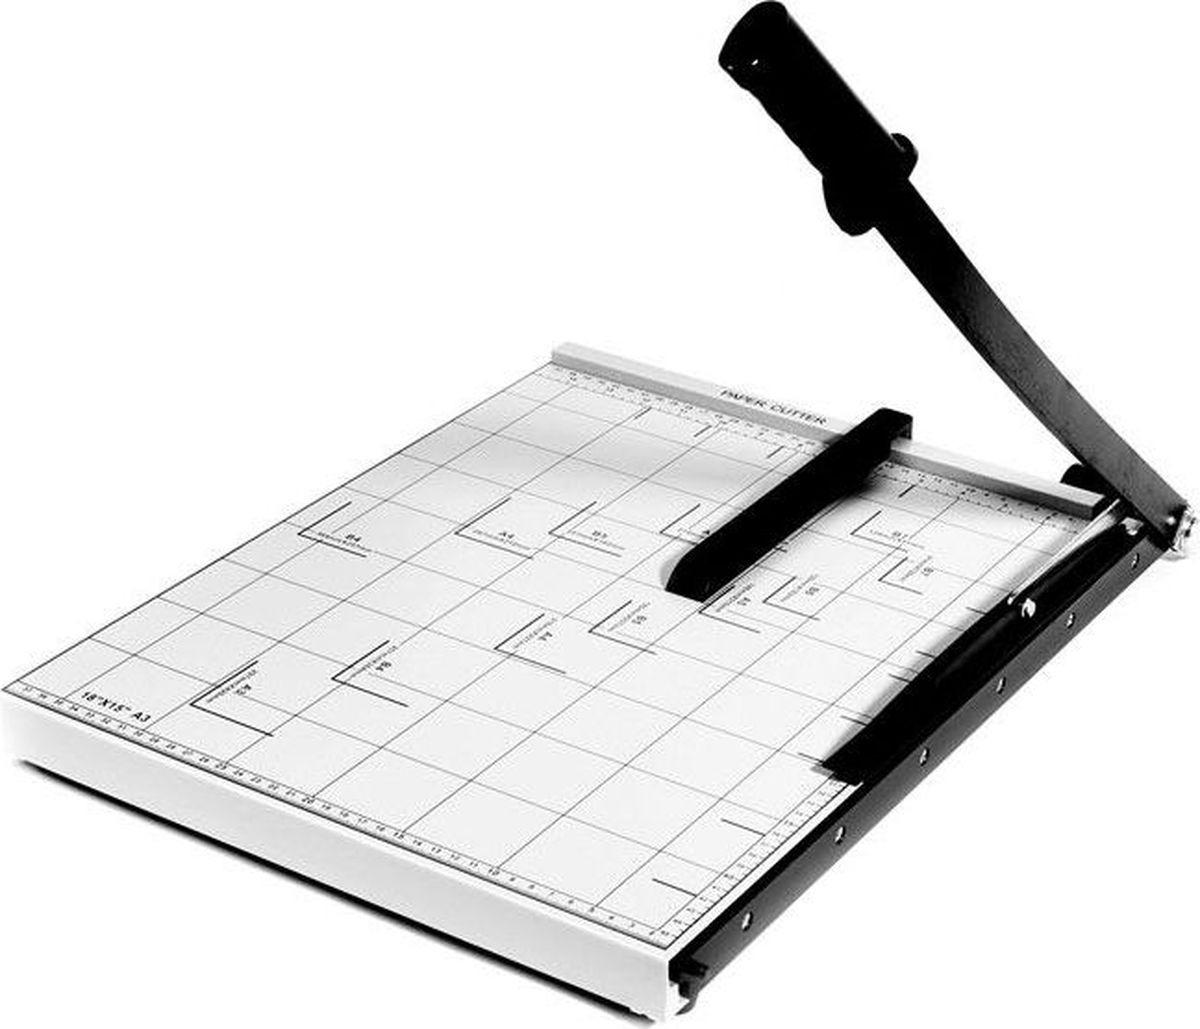 Резак сабельный Office Kit Cutter A3 deli 8015 стальной резак резак резак резак 250 мм 250 мм